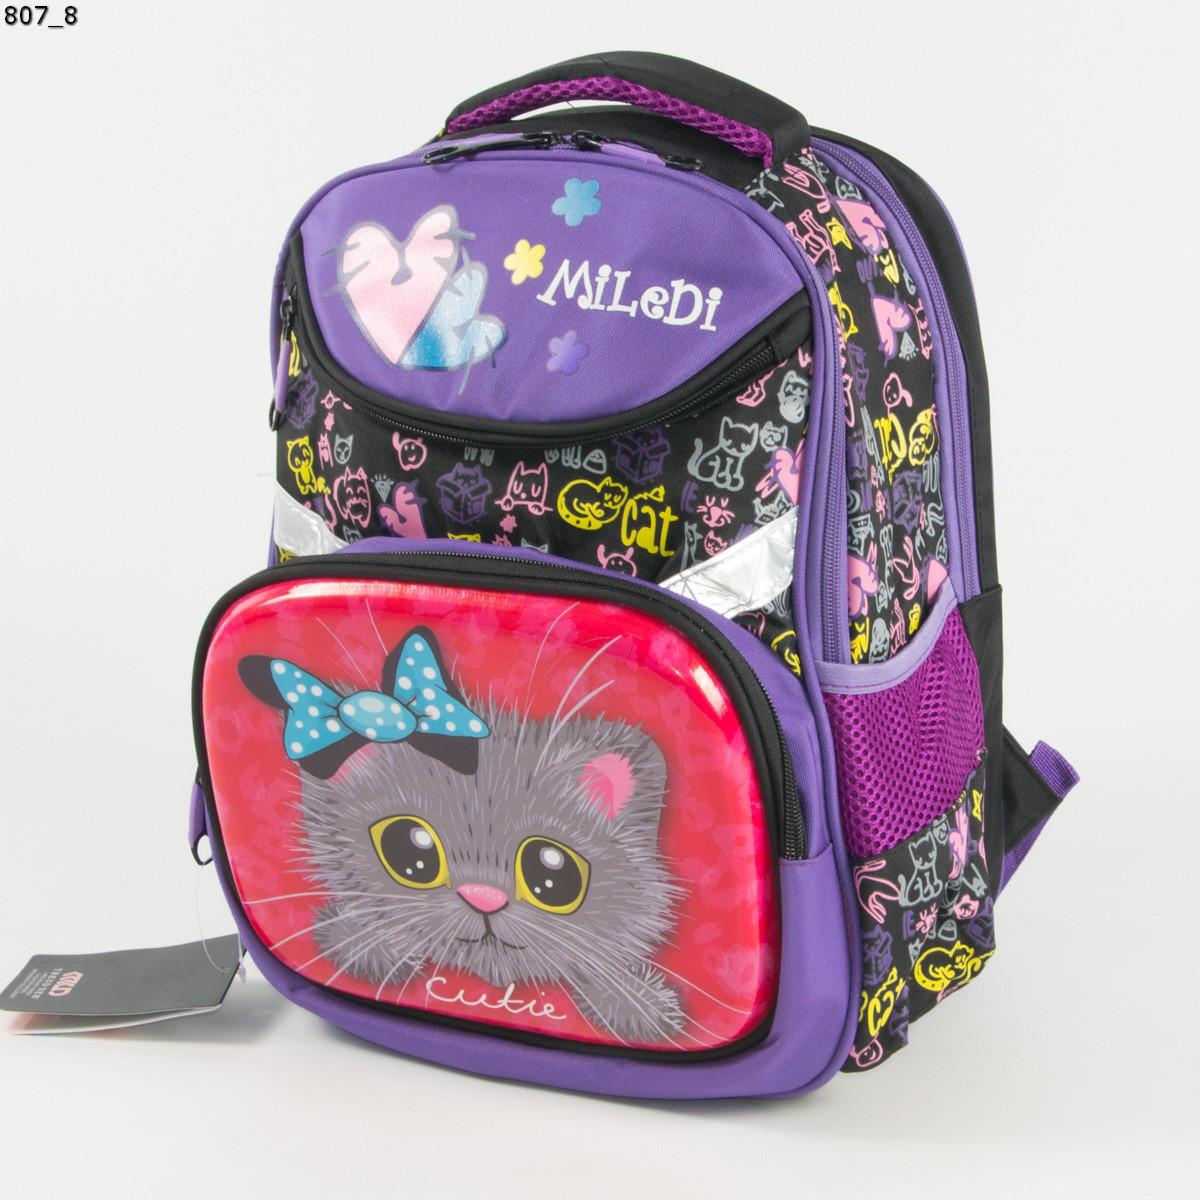 Оптом качественный школьный рюкзак для девочек с котиком - фиолетовый - 807